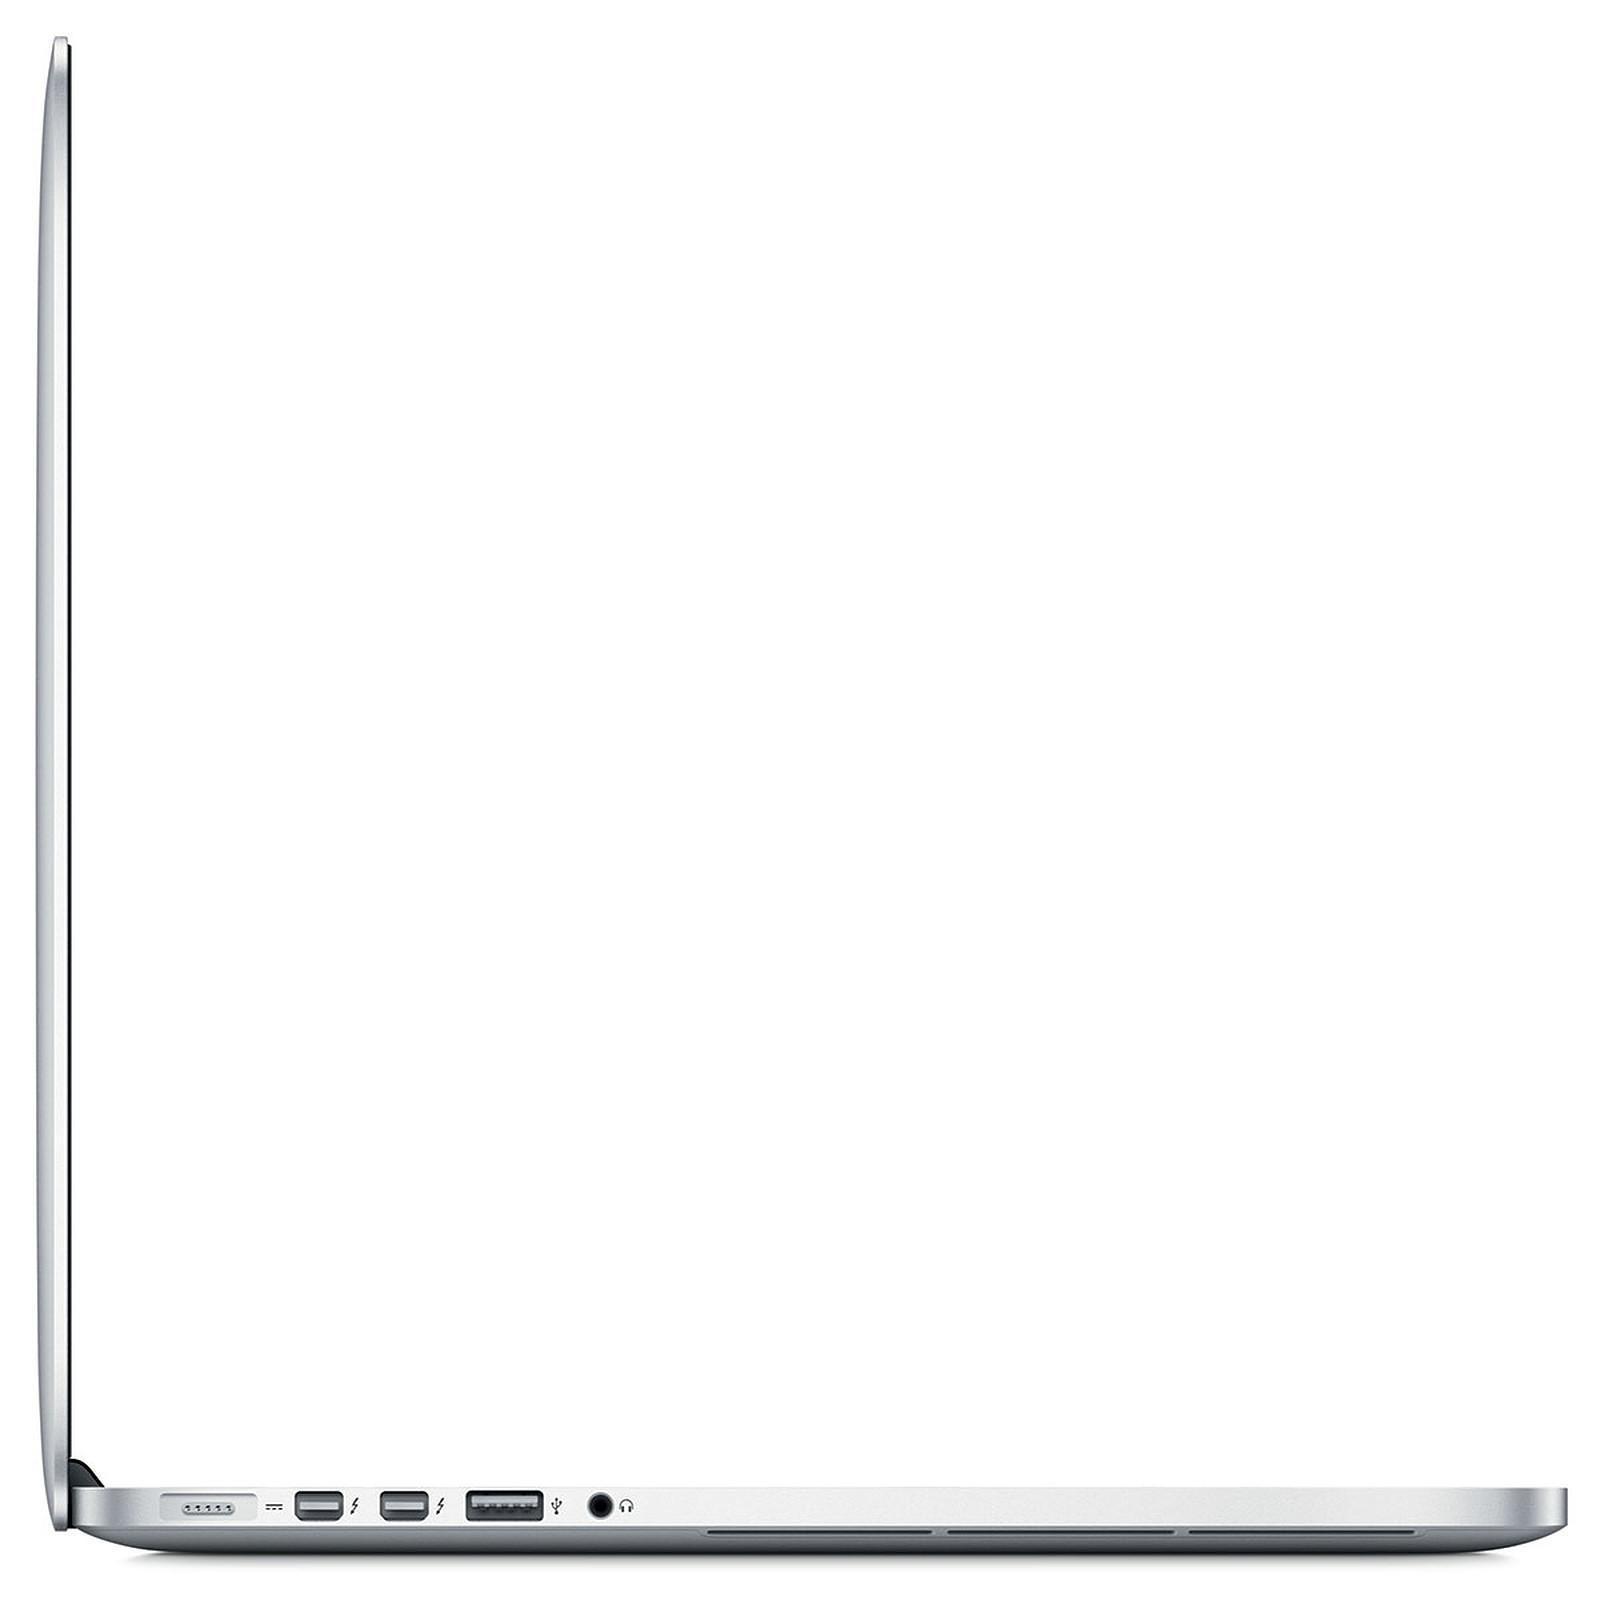 MacBook Pro Retina 15,4-tum (2015) - Core i7 - 16GB - SSD 256 GB QWERTZ - Tyska